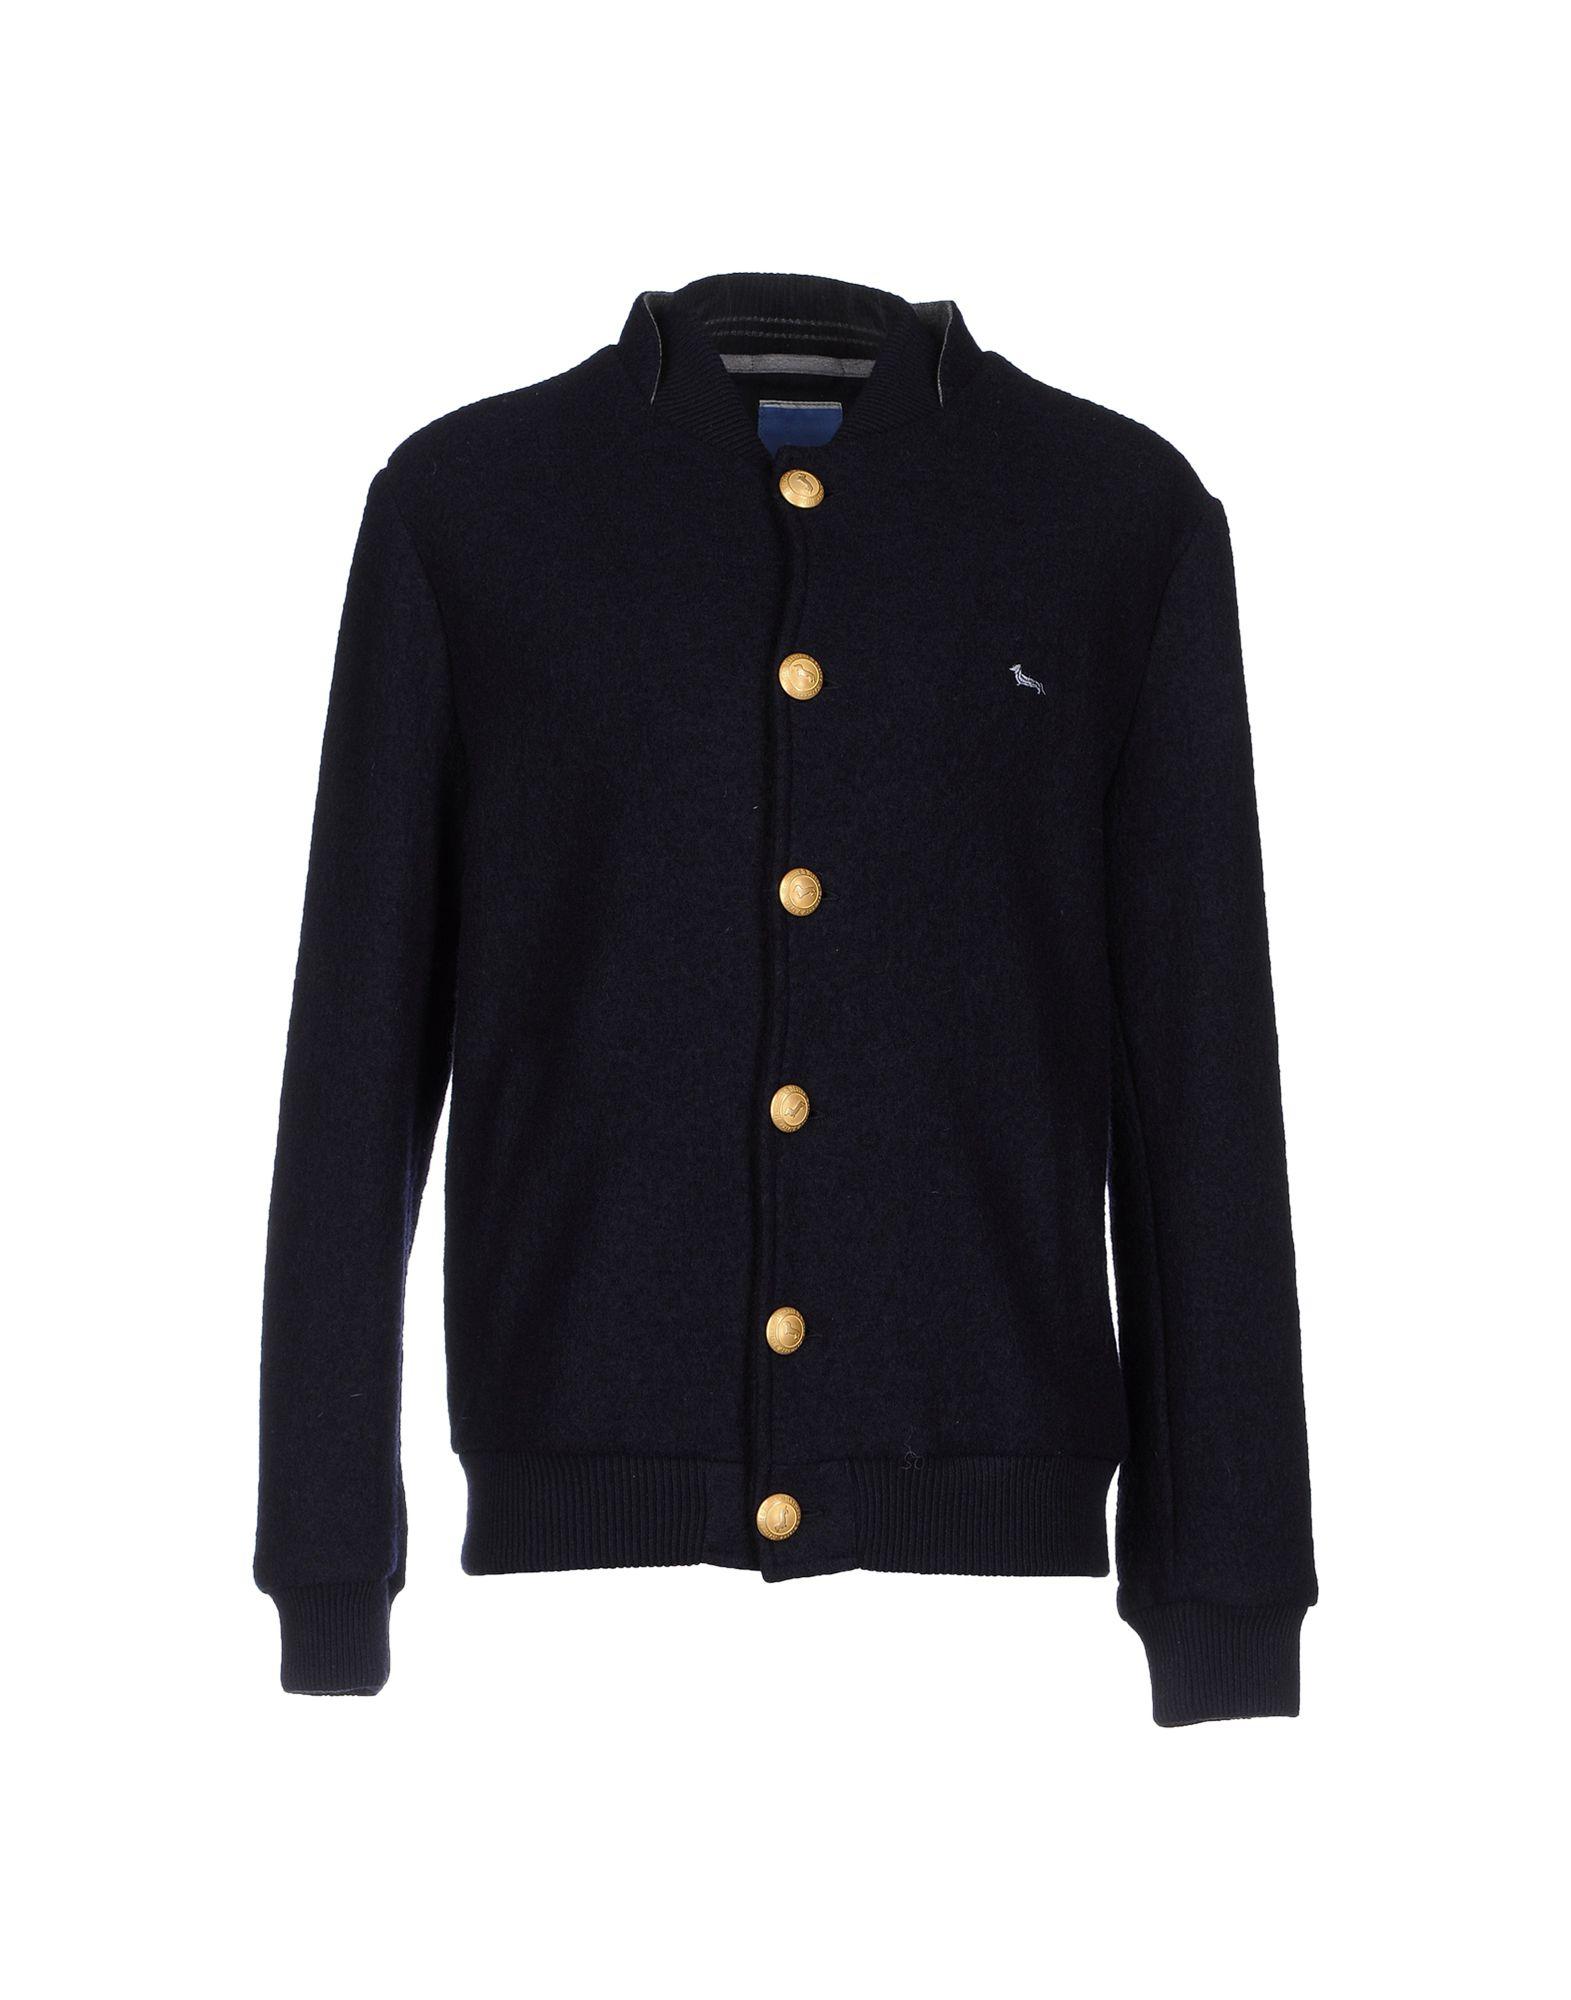 harmont and blaine jacket - photo #37